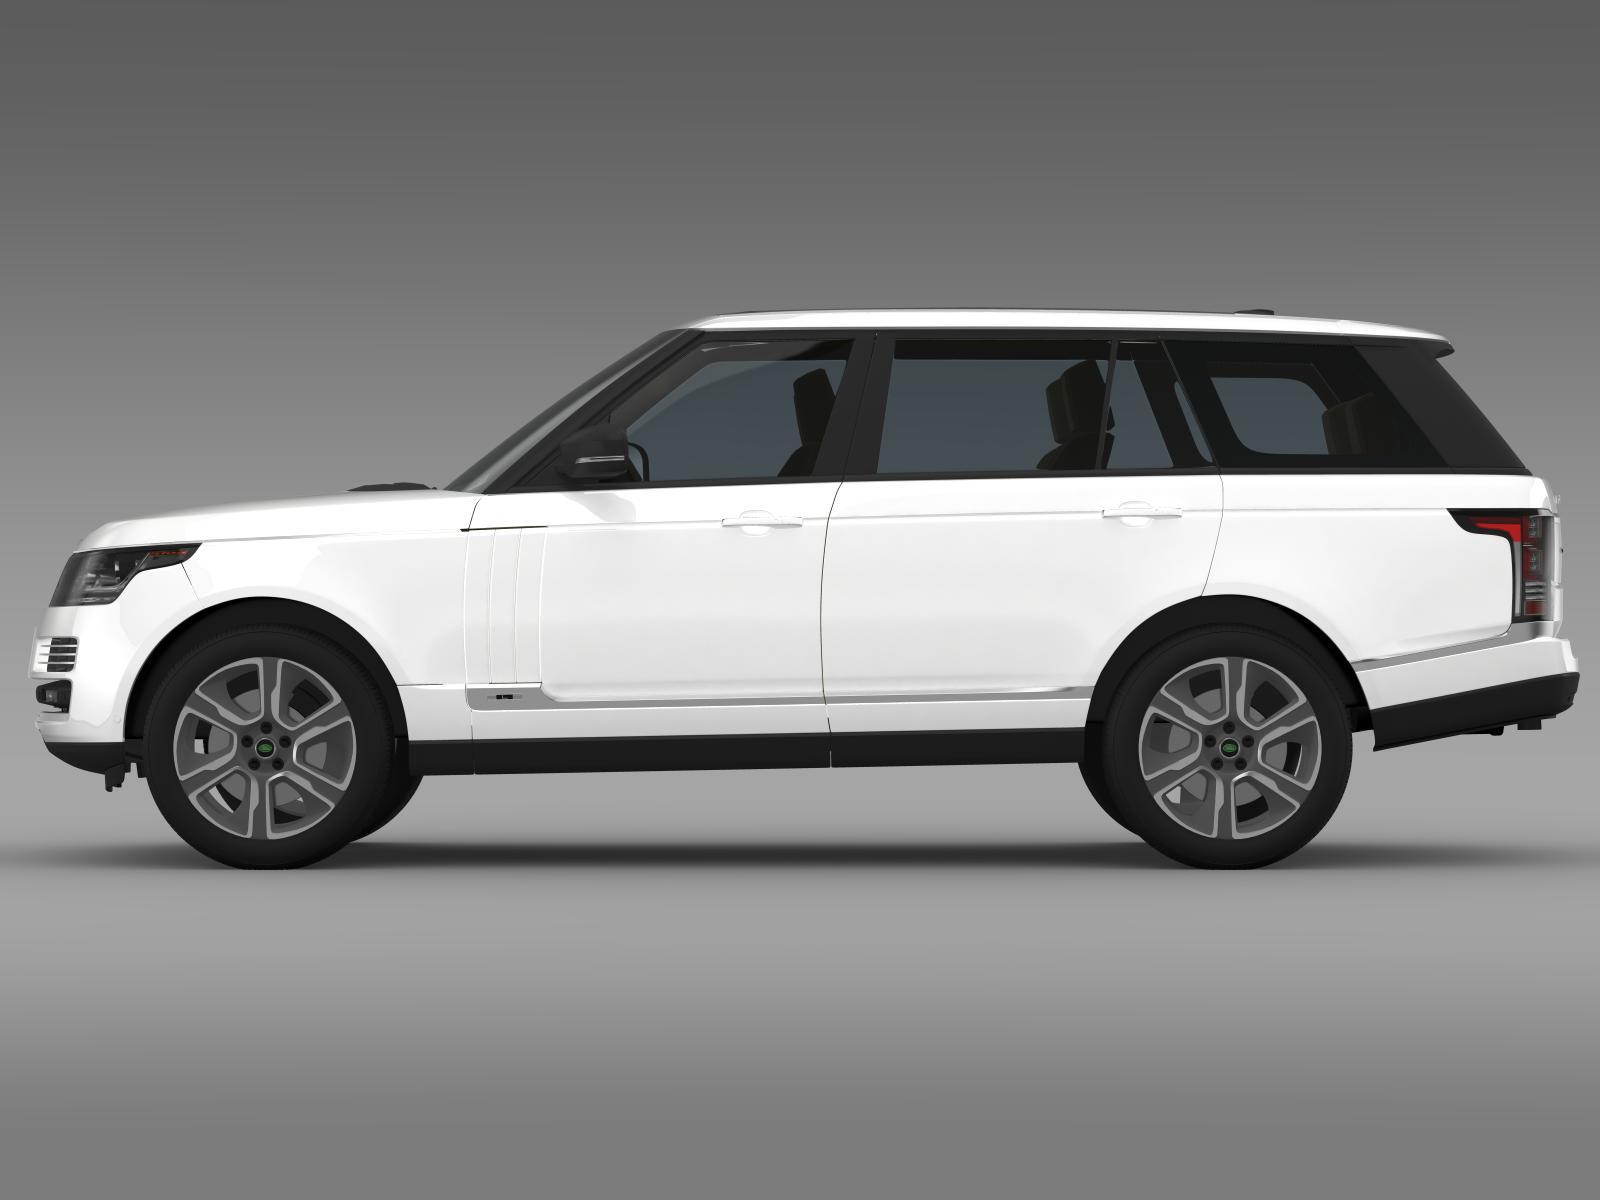 range rover hybrid lwb l405 3d model. Black Bedroom Furniture Sets. Home Design Ideas